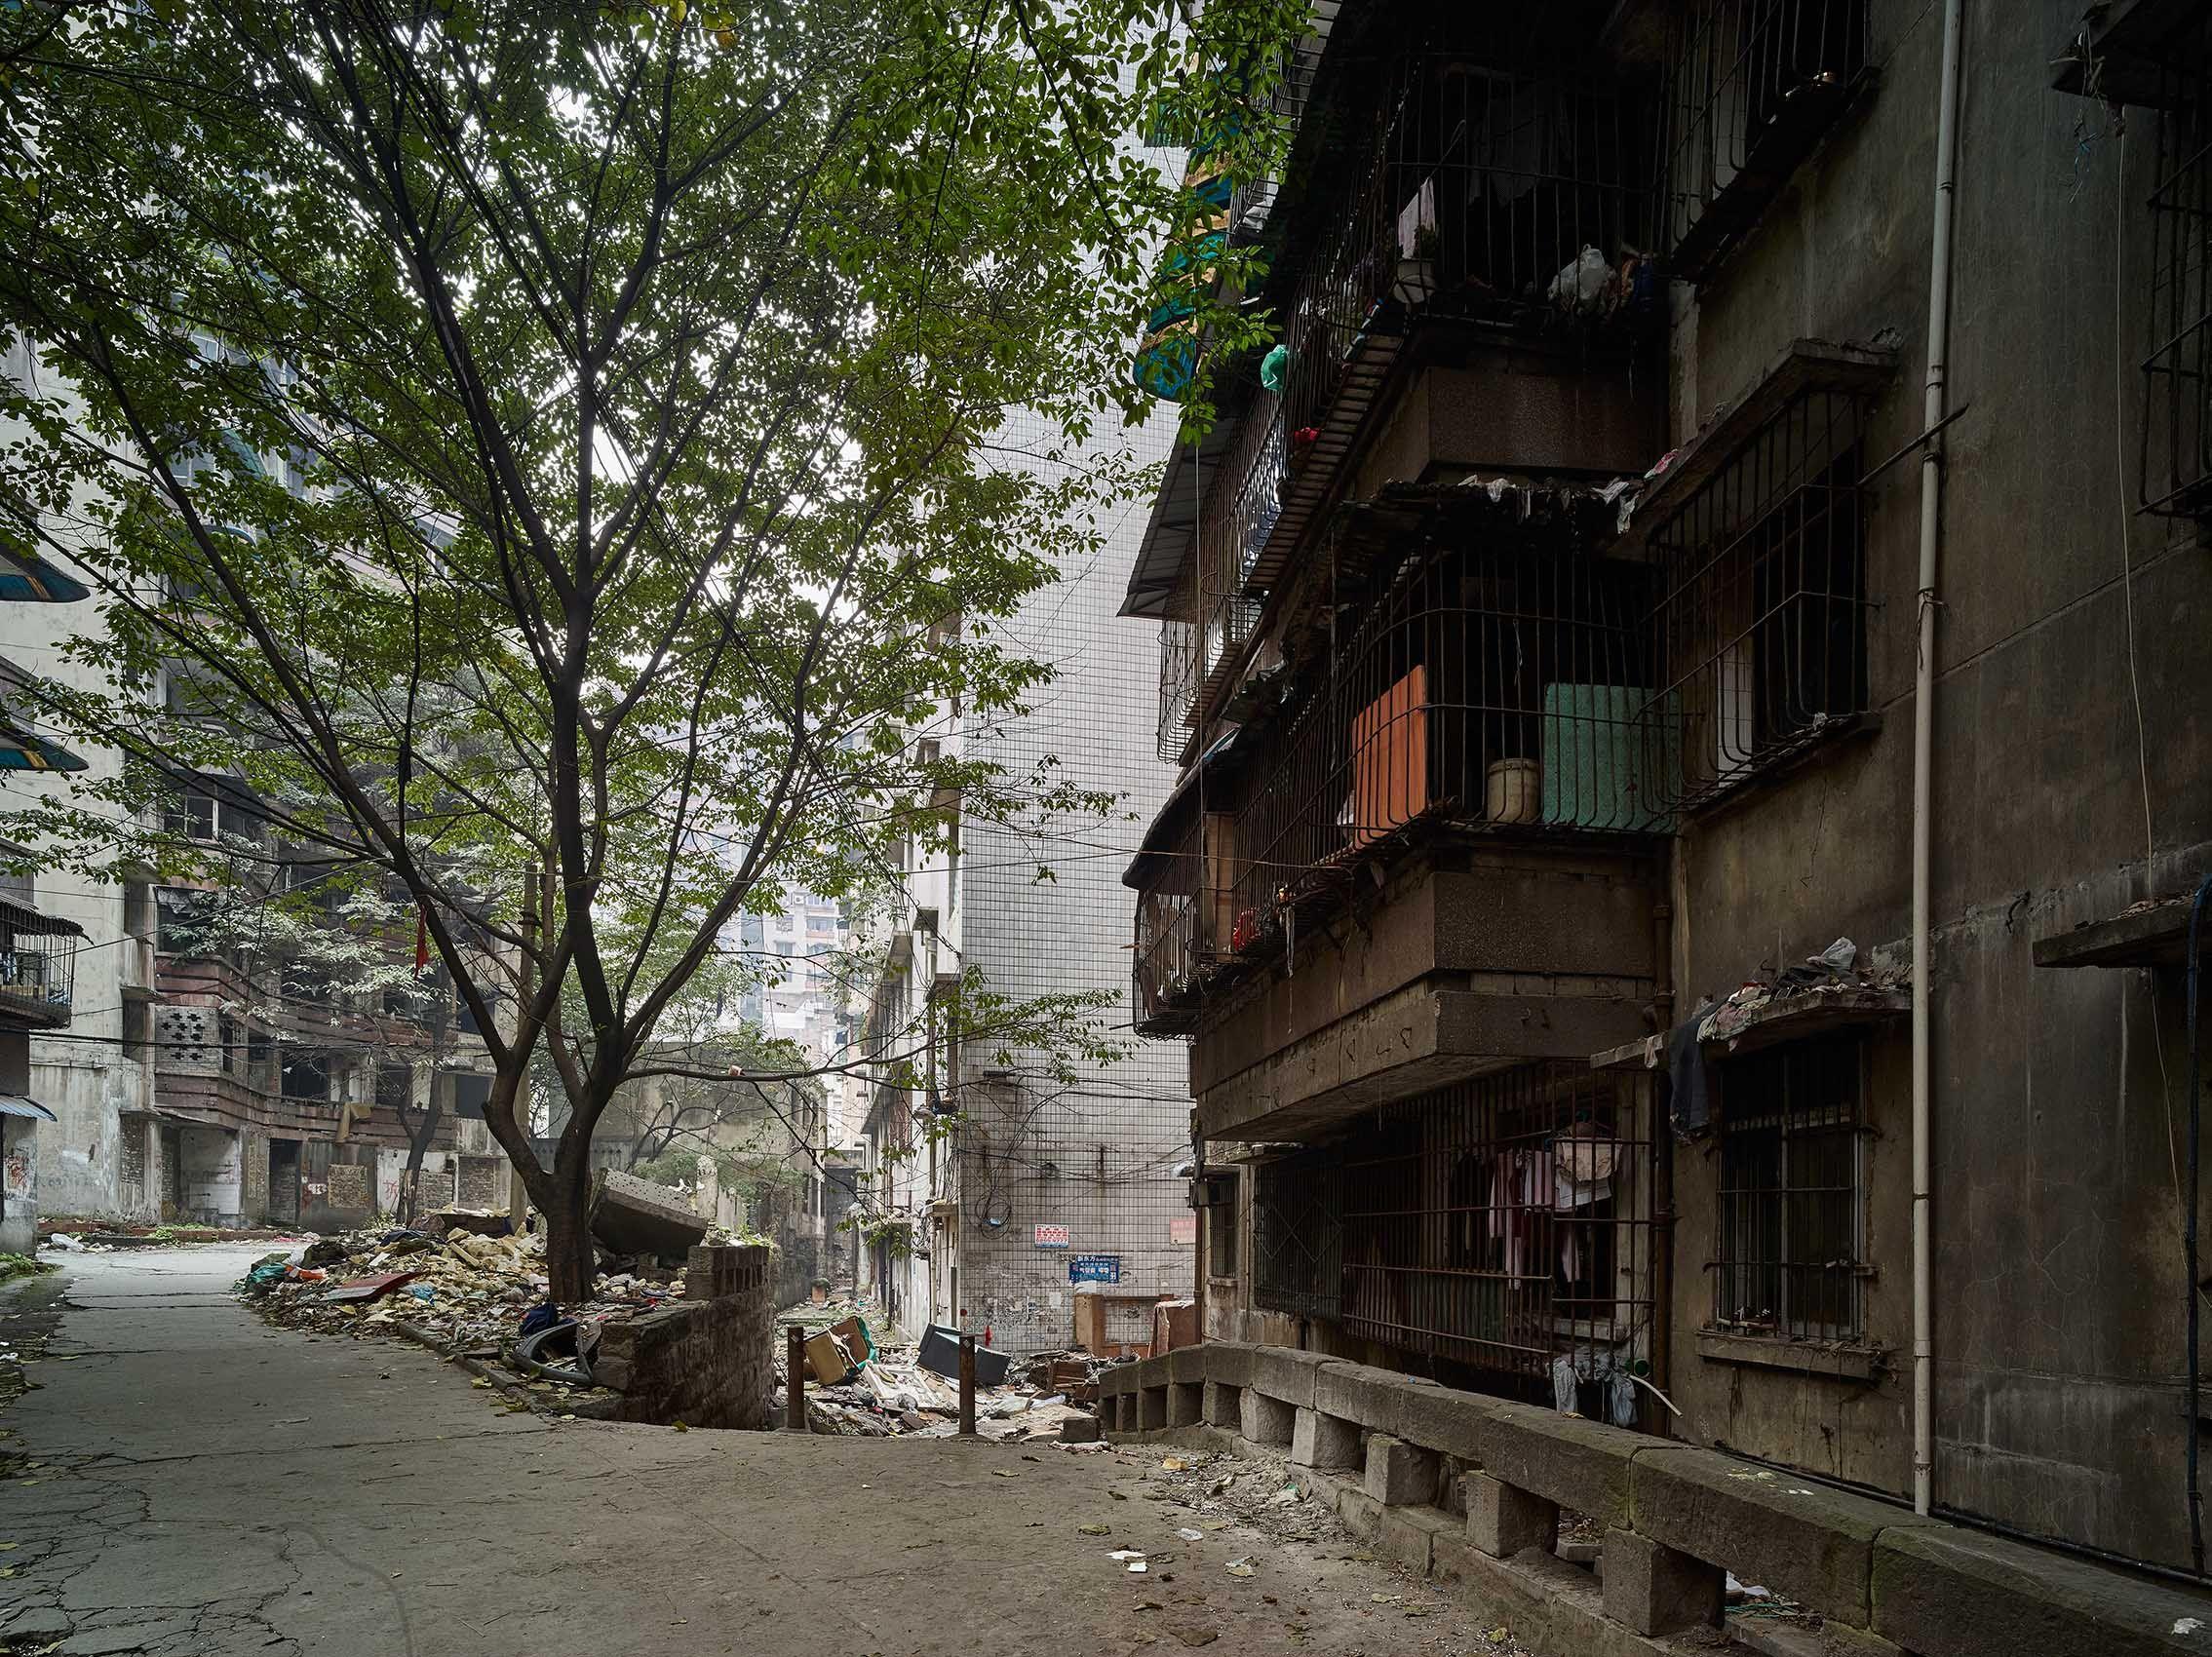 Decaying buildings in Chongqing